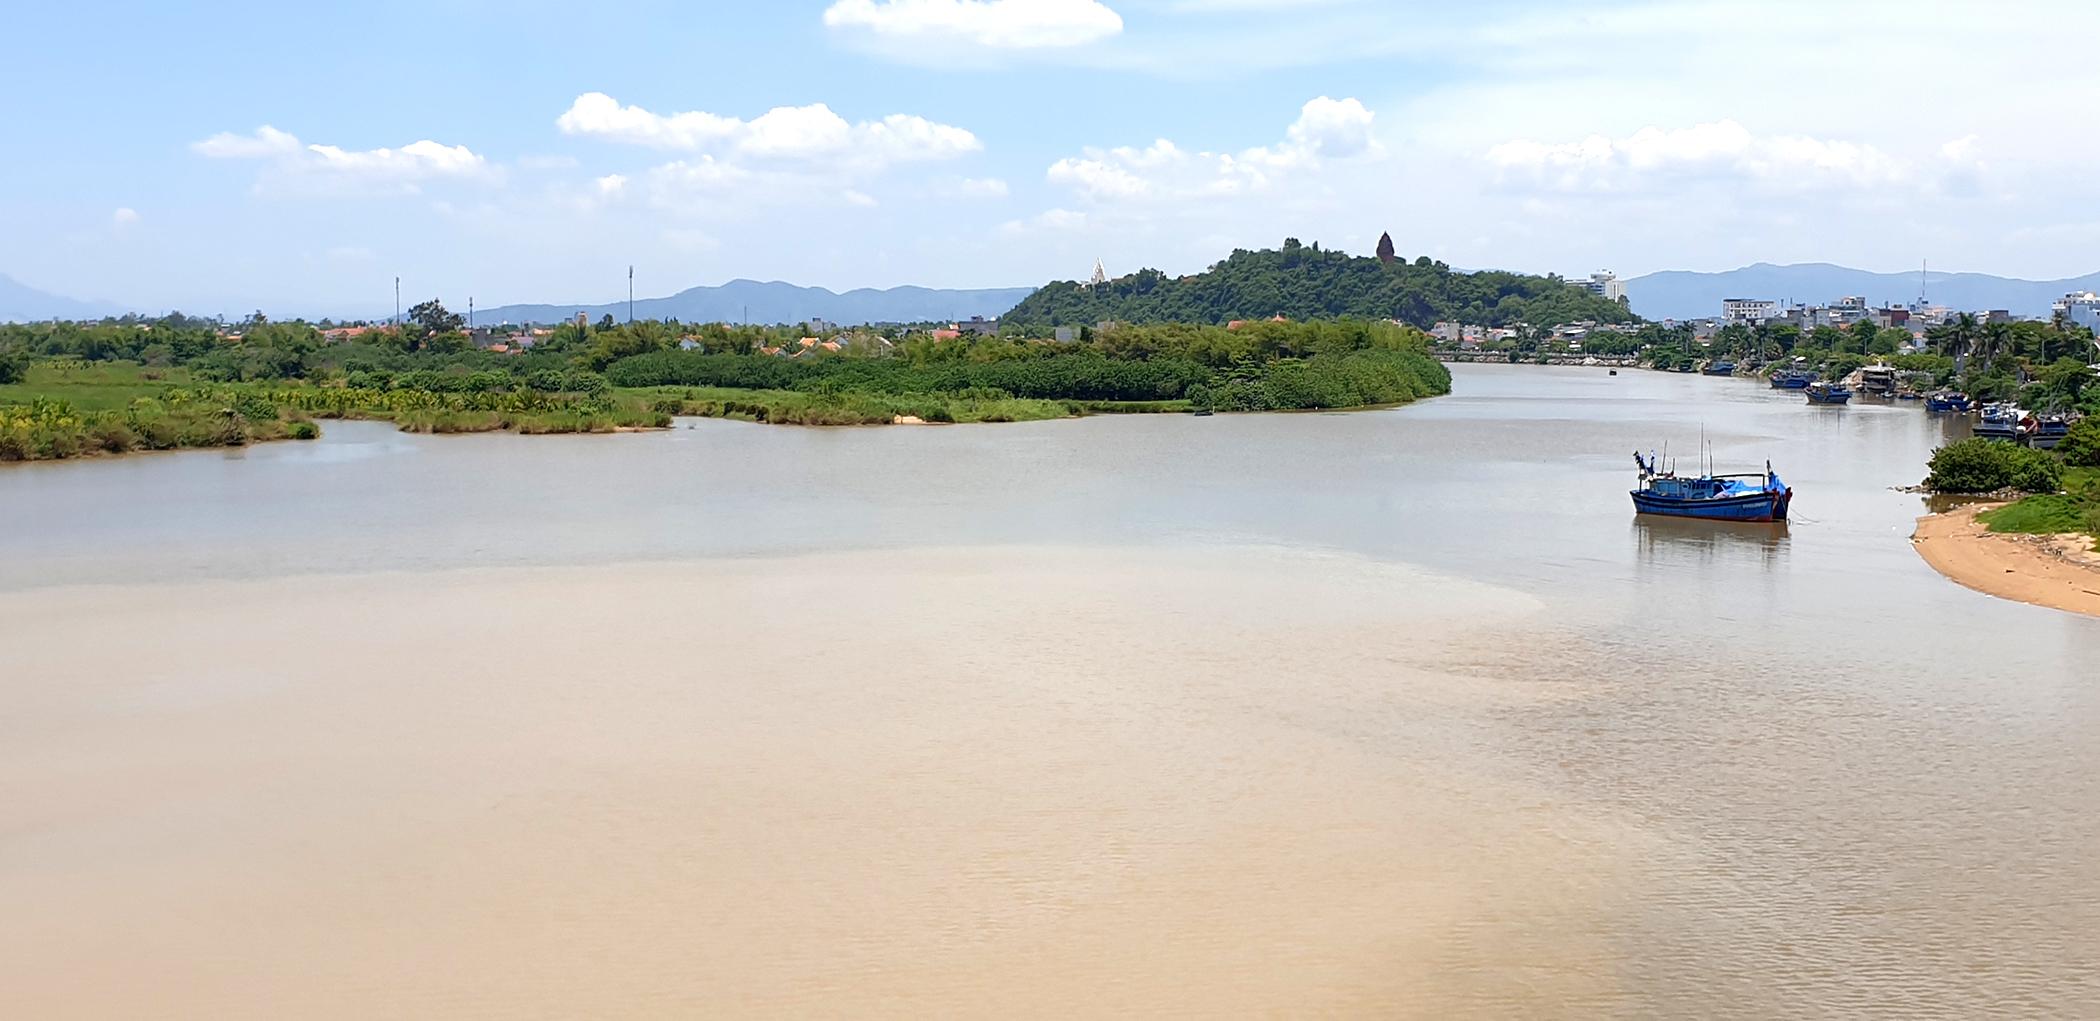 Khu đô thị Ngọc Lãng có cảnh quan sông nước hữu tình